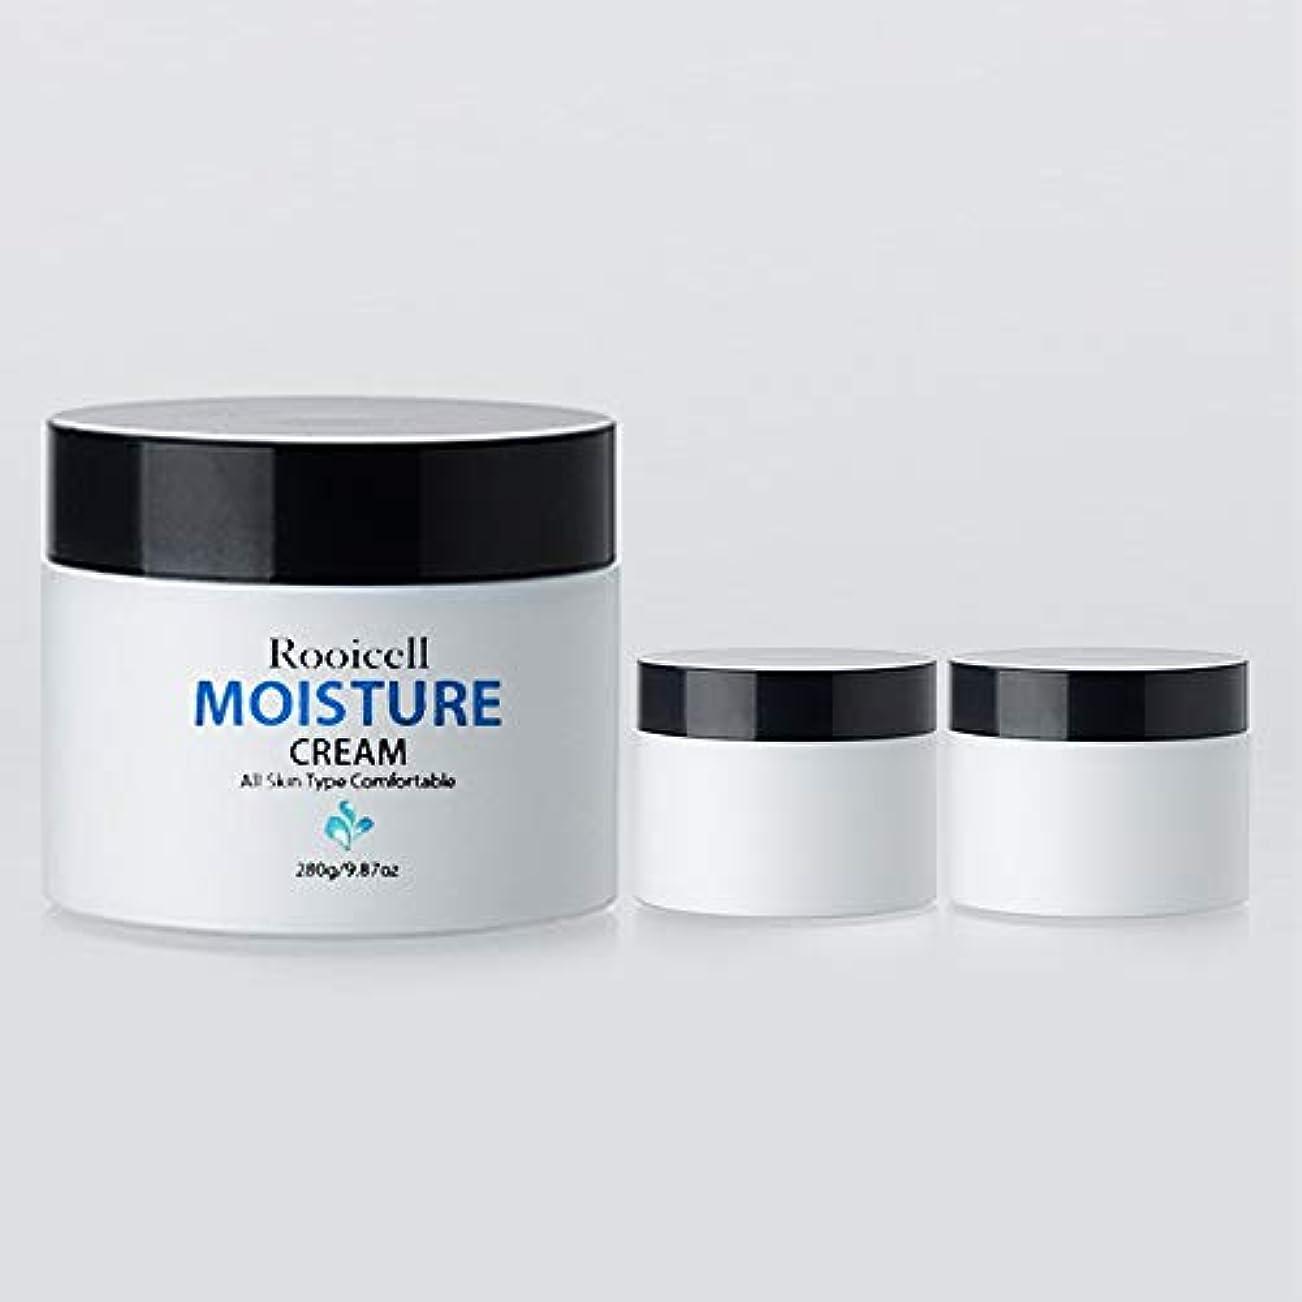 自治運搬変位[ Rooicell ] ルイセル モイスチャークリーム 280g Korea cosmetic (moisture cream 280g)